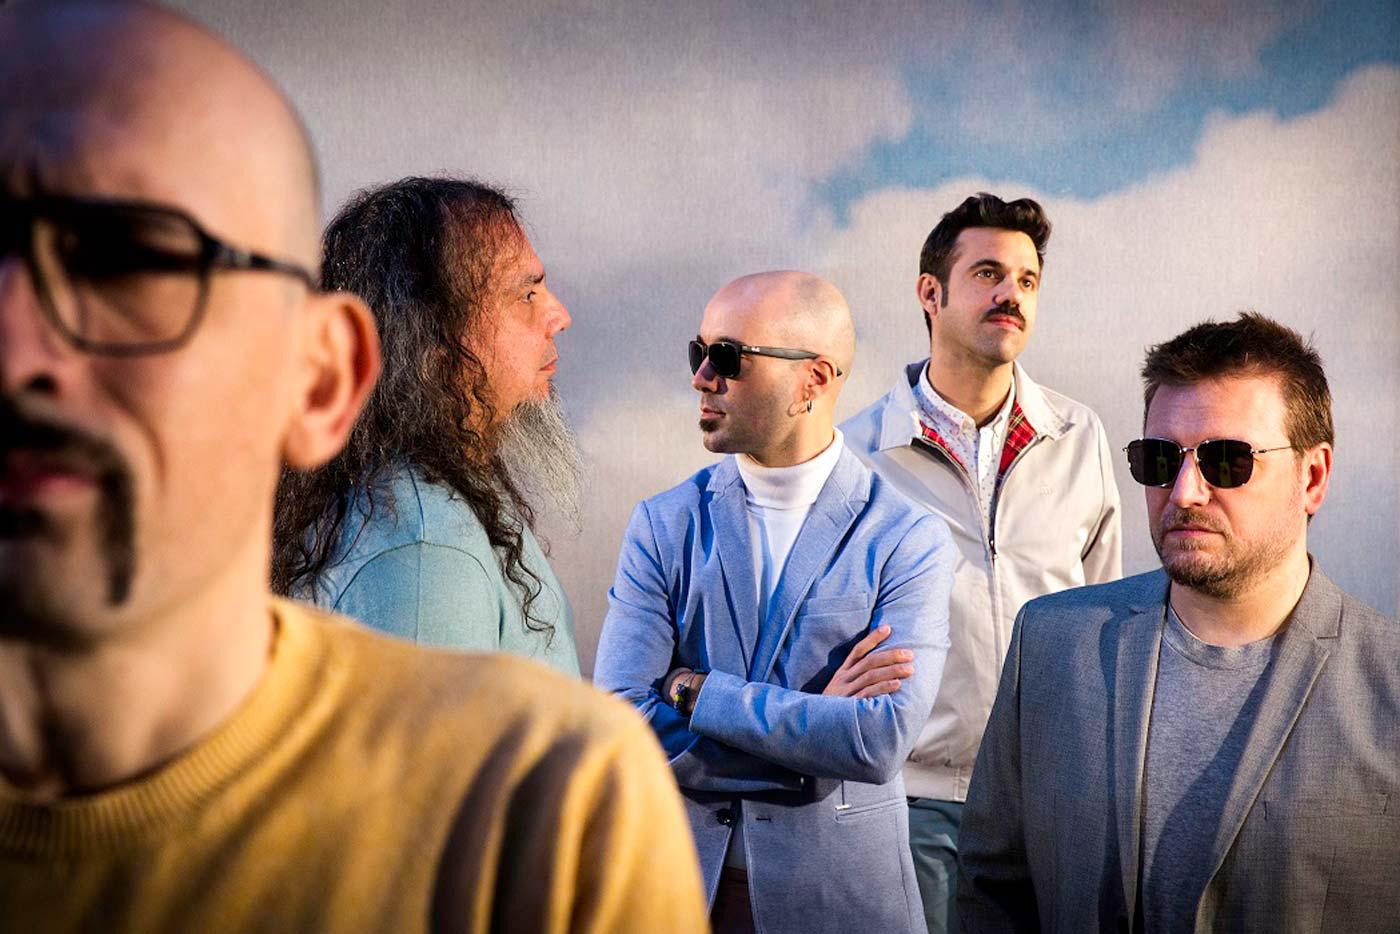 Fundación Tony Manero estrenan vídeo y disco hoy